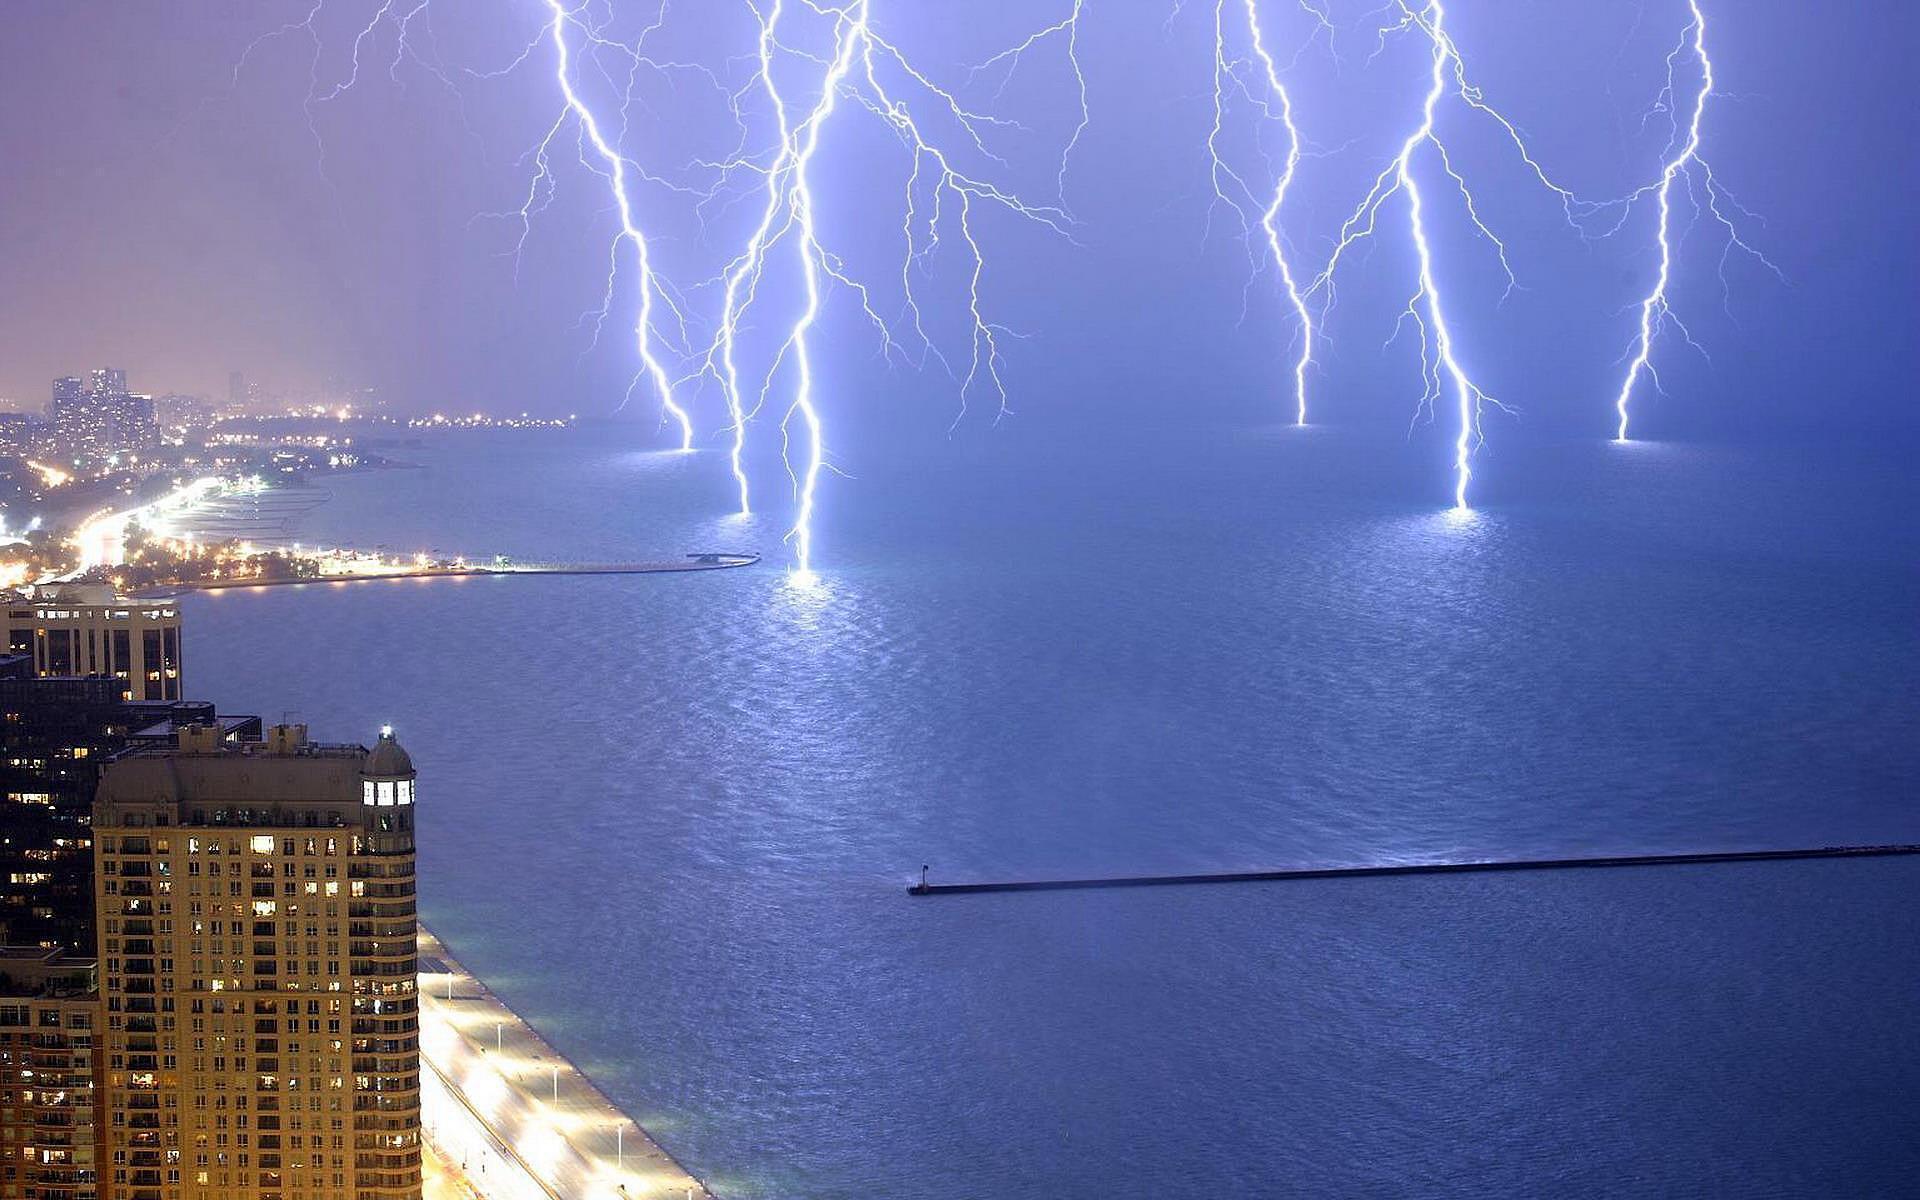 lightning strike wallpaper - photo #27